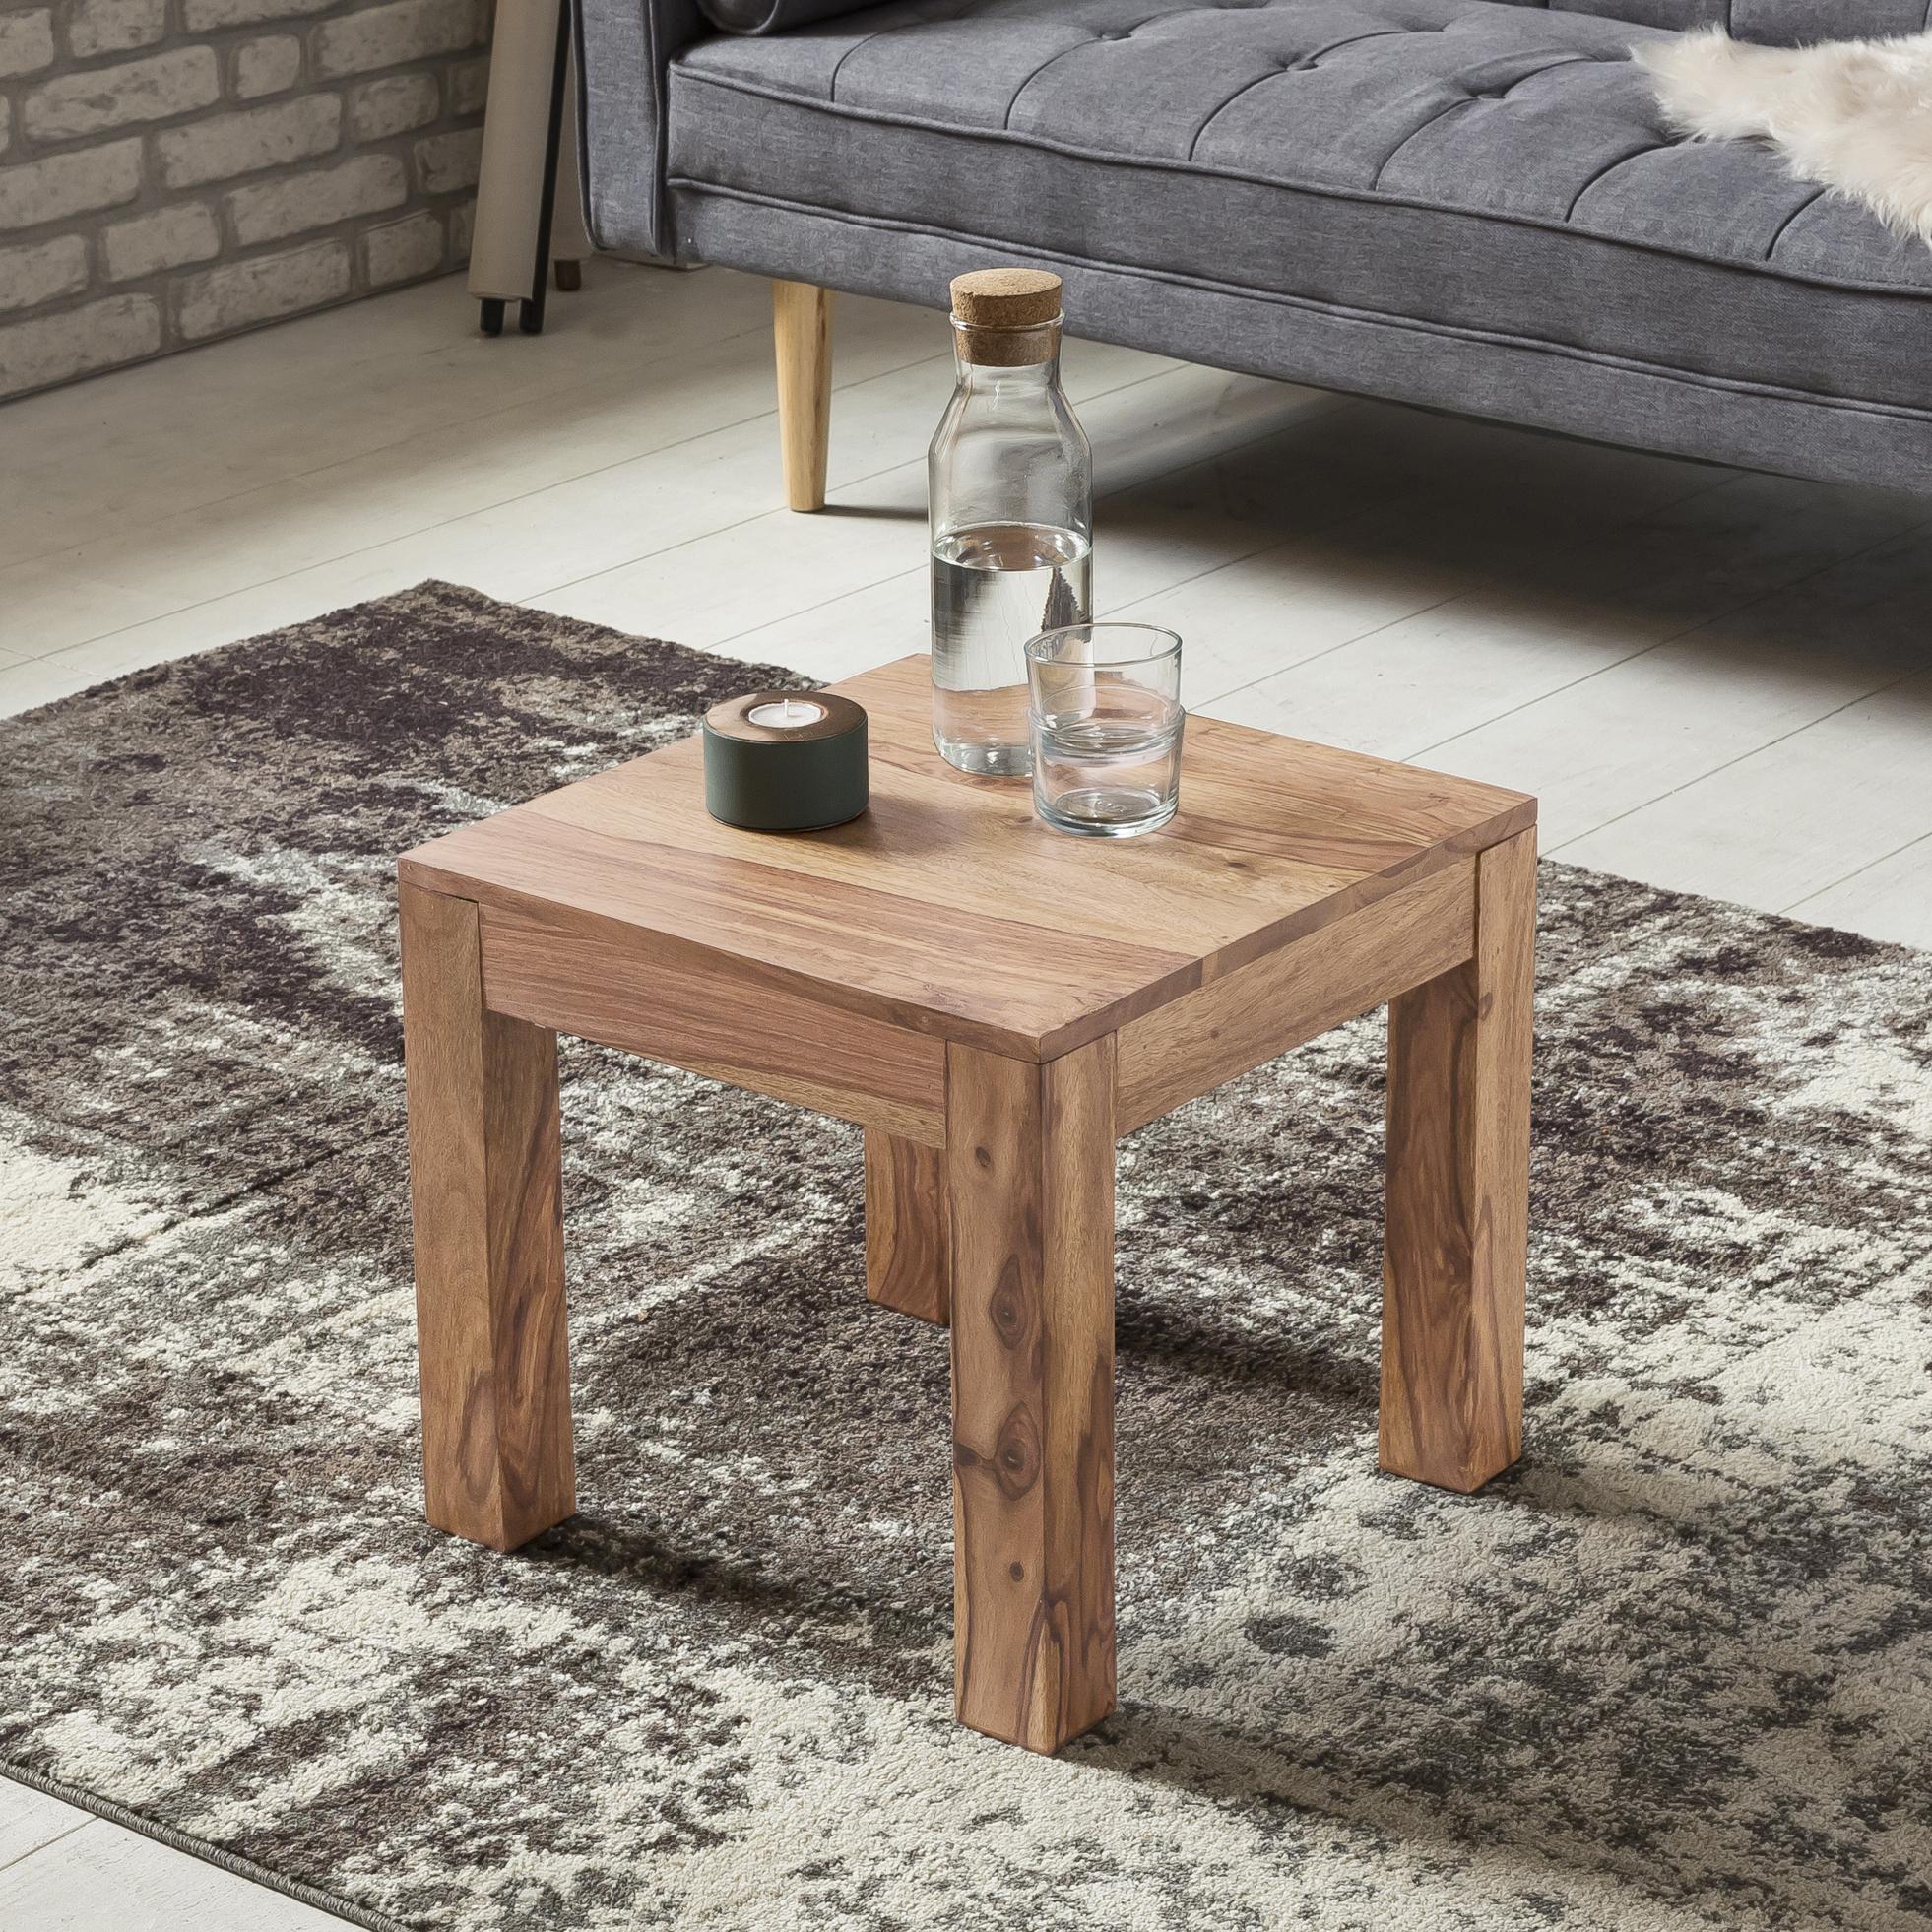 wohnling couchtisch massiv holz akazie 45 cm breit wohnzimmer tisch design braun landhaus stil. Black Bedroom Furniture Sets. Home Design Ideas